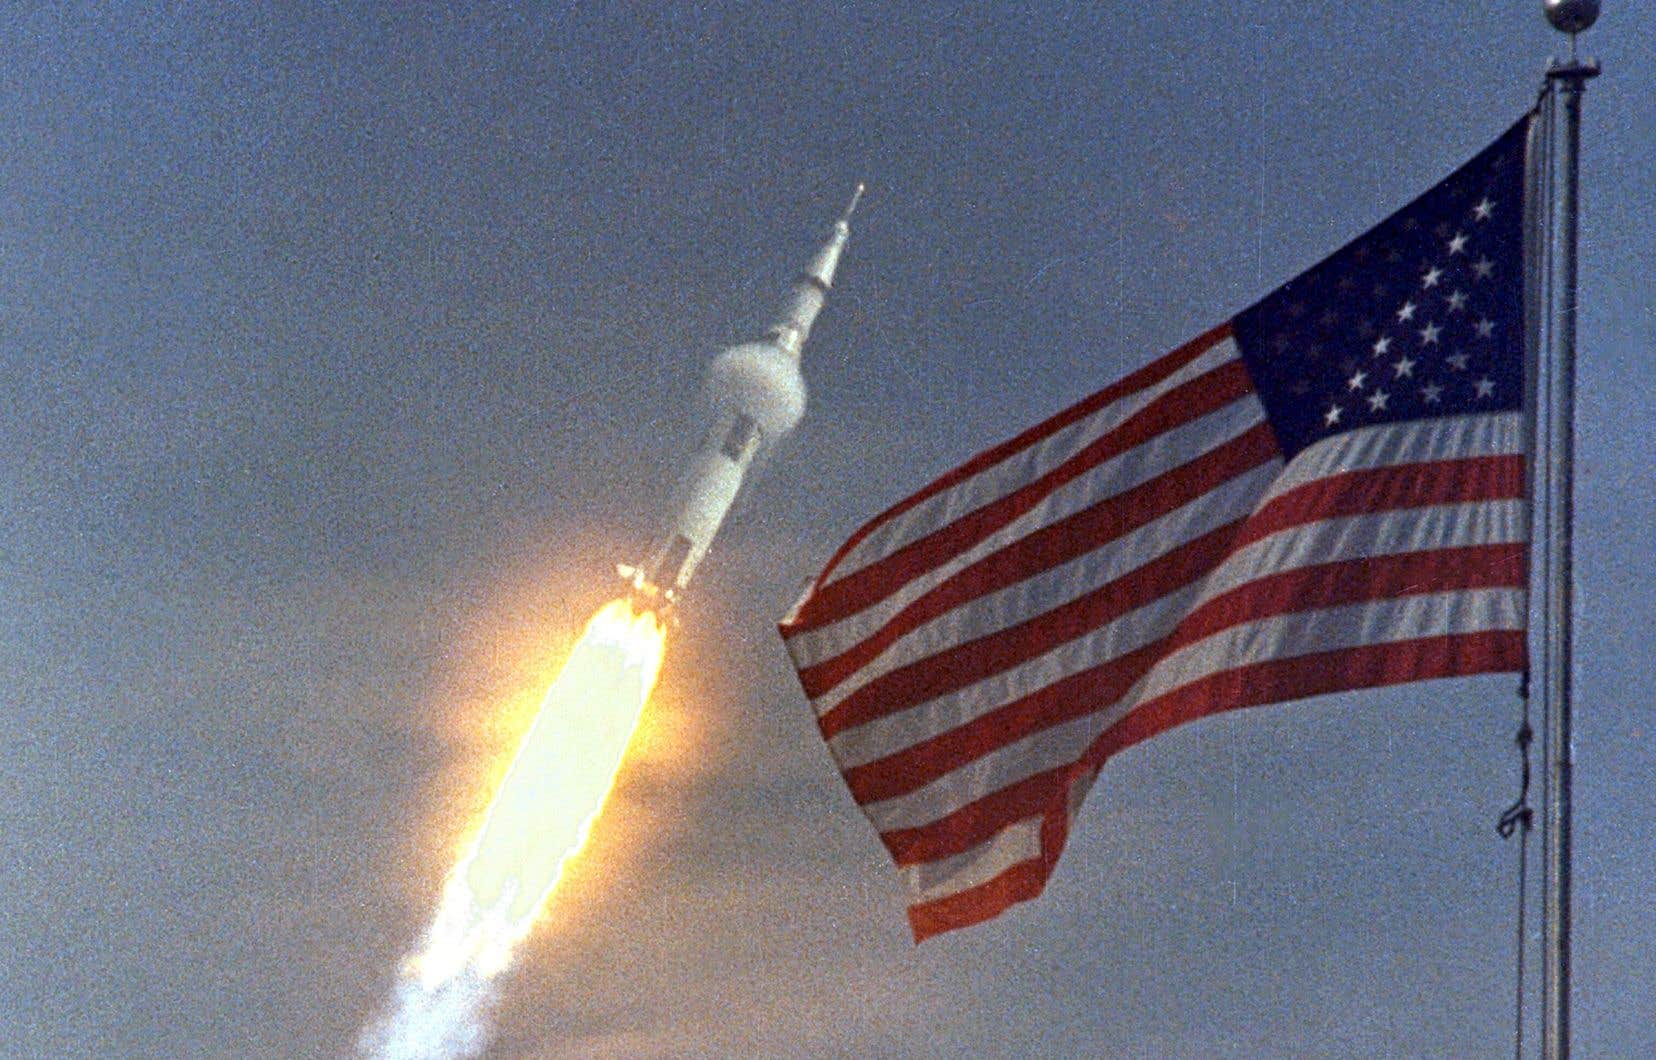 La fusée «Saturn V» de la missionApollo 11 s'est envolée avec Neil A. Armstrong, Michael Collins et Edwin «Buzz» Aldrin, à 9 h 32 le 16 juillet 1969, à partir du complexe de lancement du Centre spatial Kennedy.